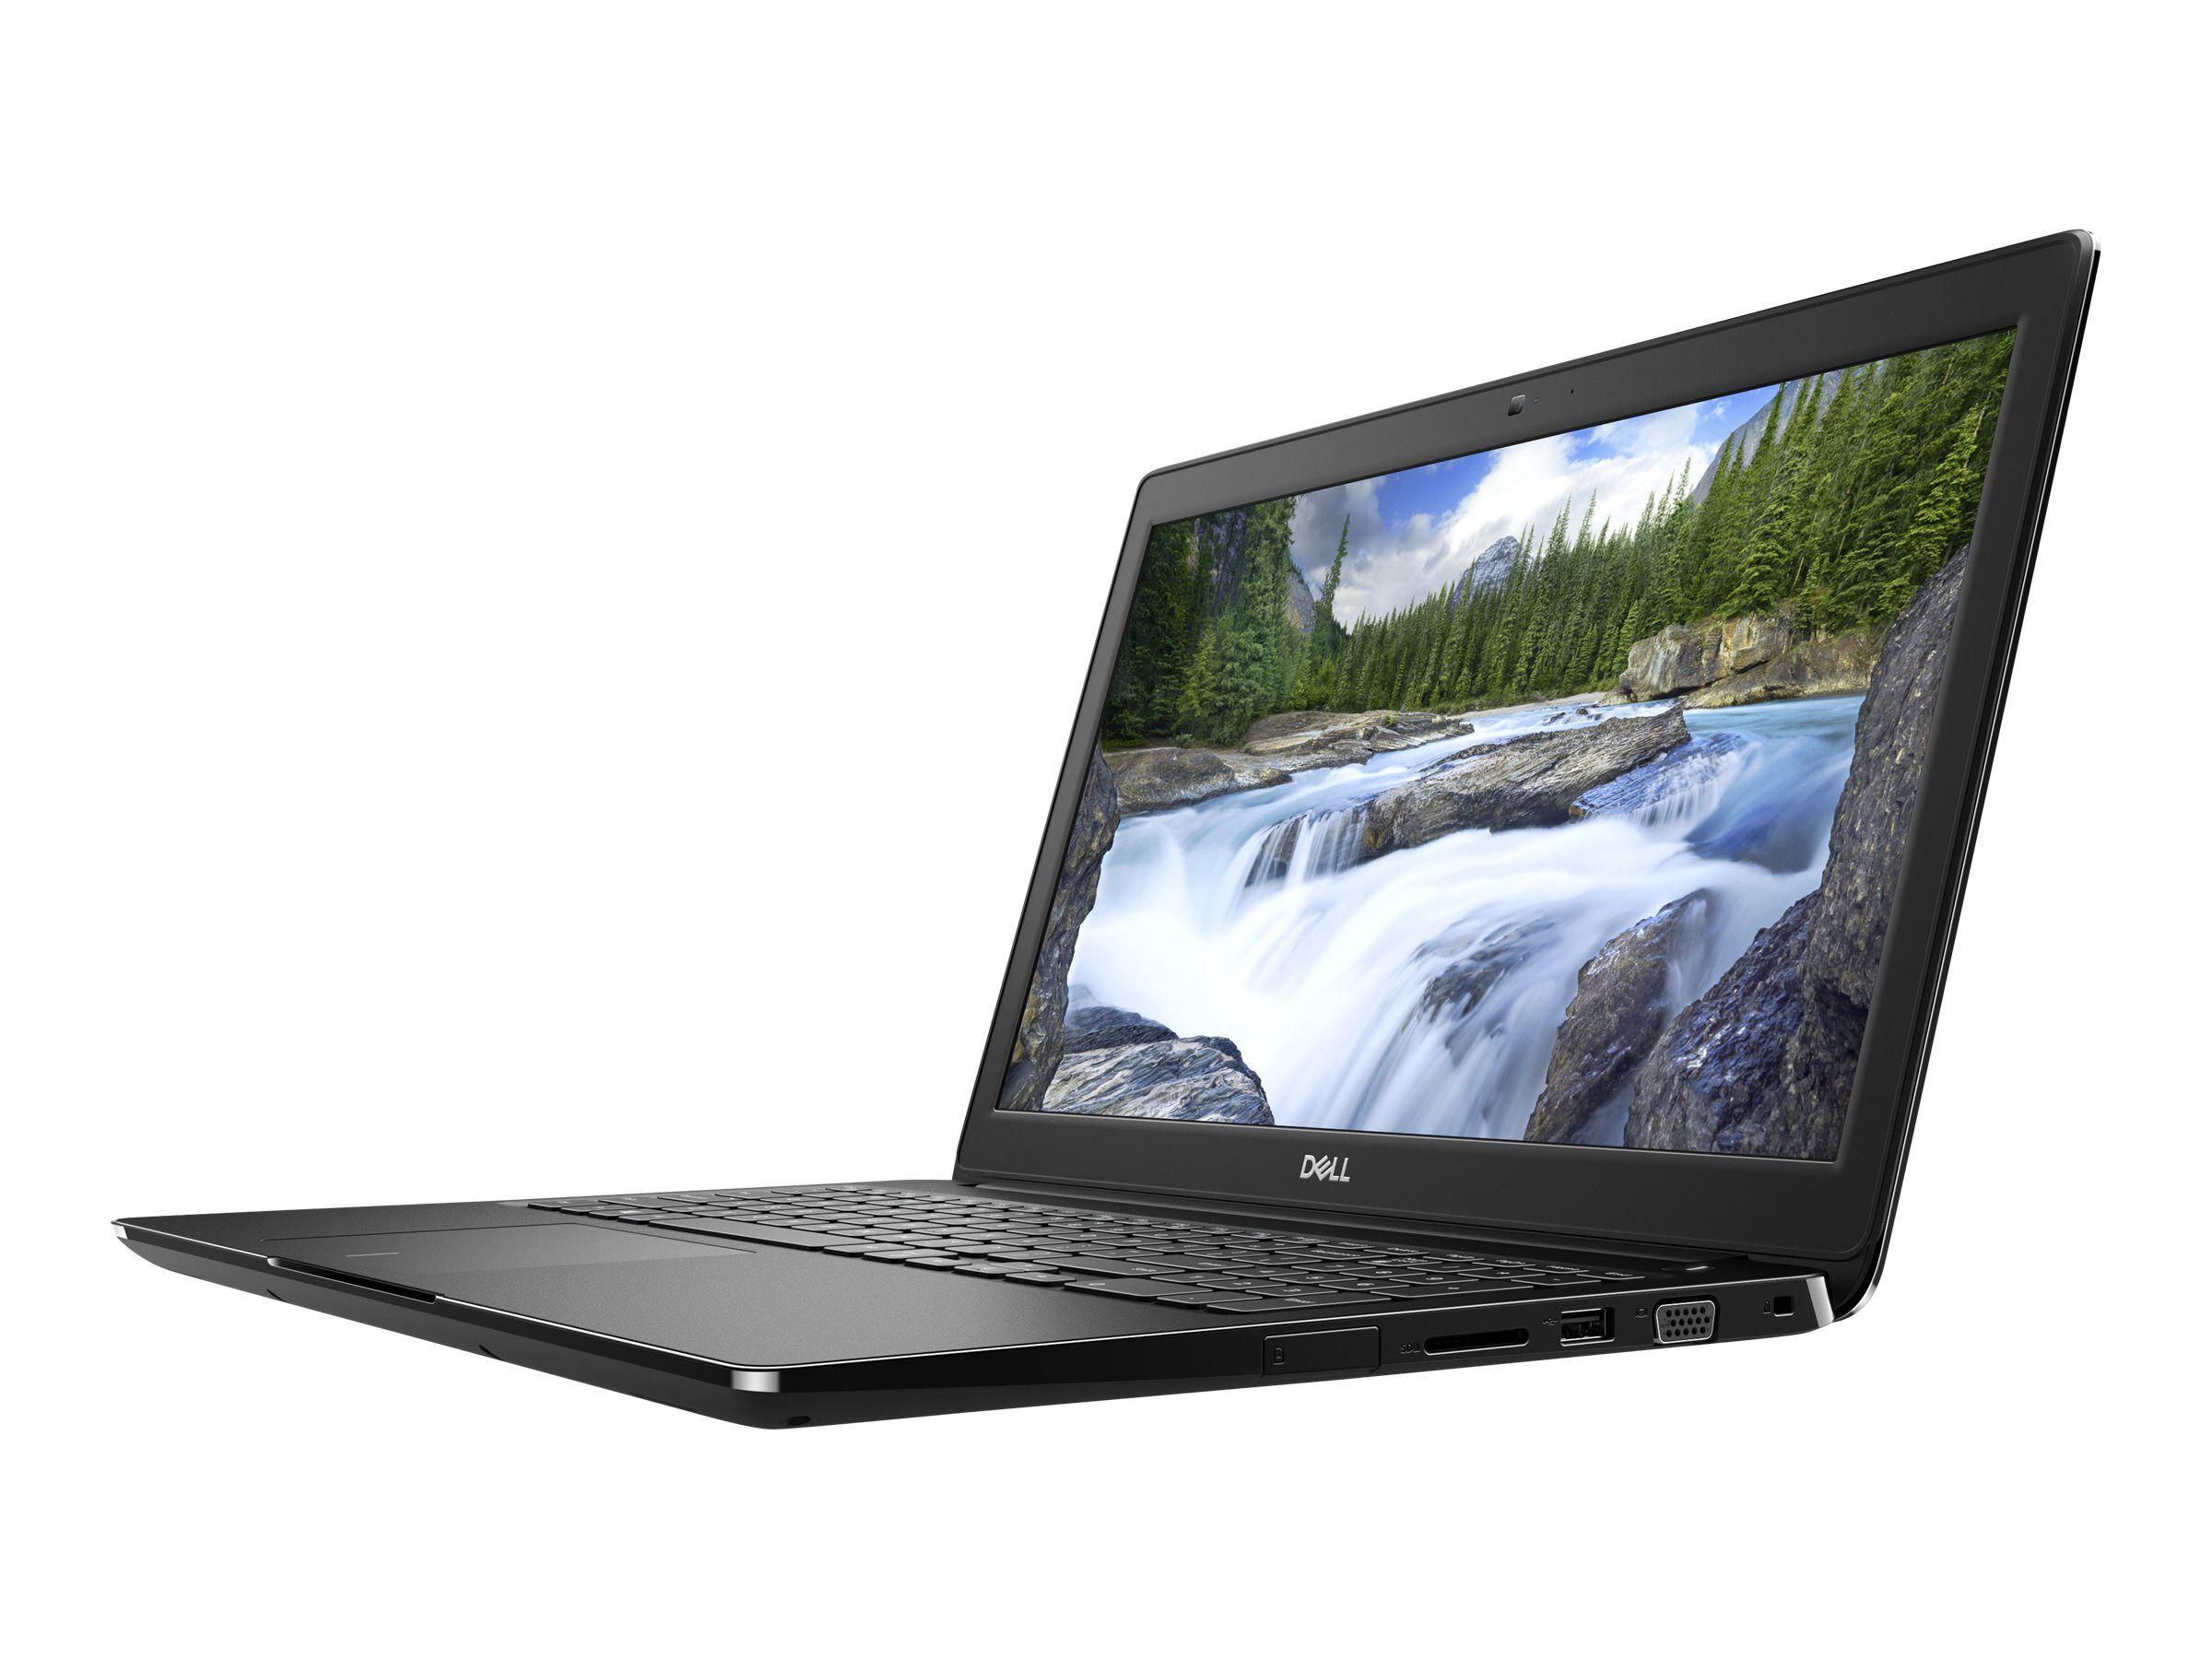 Dell Latitude 3500 - Core i3 8145U / 2.1 GHz - Win 10 Pro 64 bits - 4 Go RAM - 128 Go SSD - 15.6